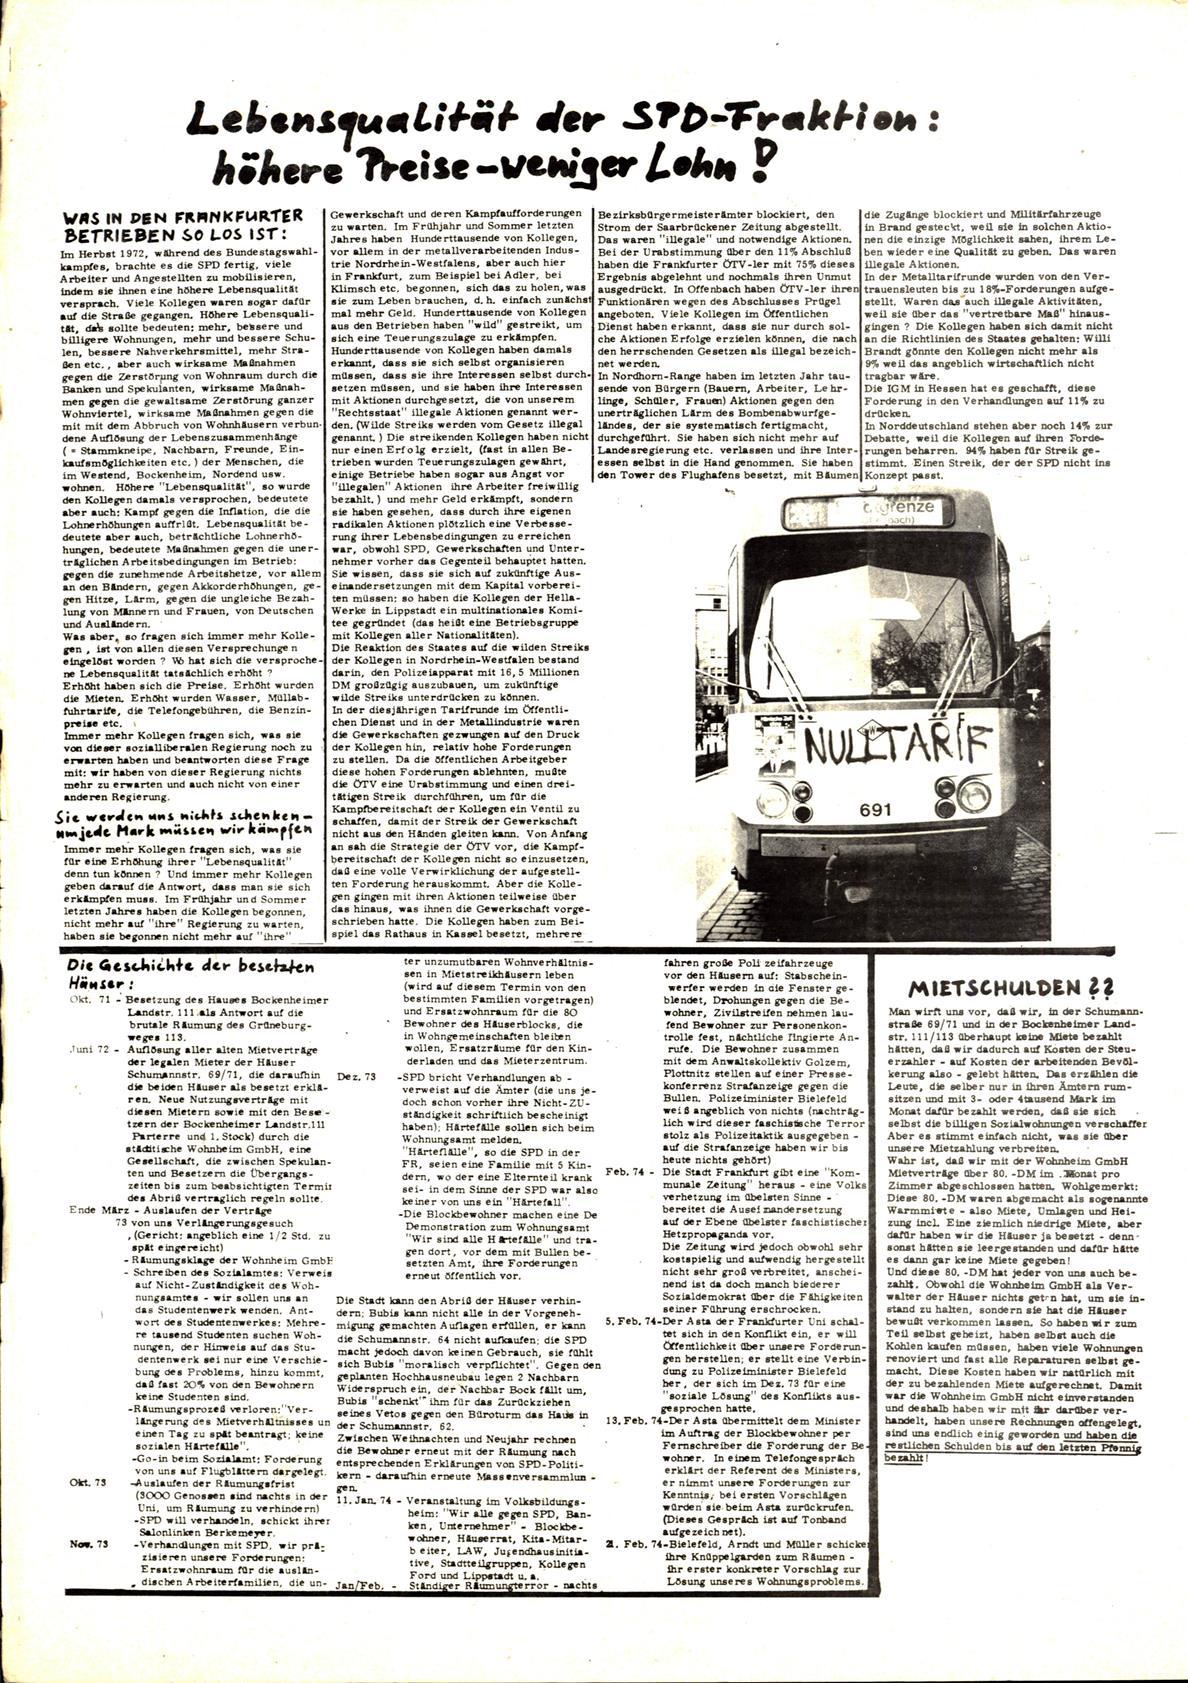 Frankfurt_Haeuserratszeitung_19740300_009_03